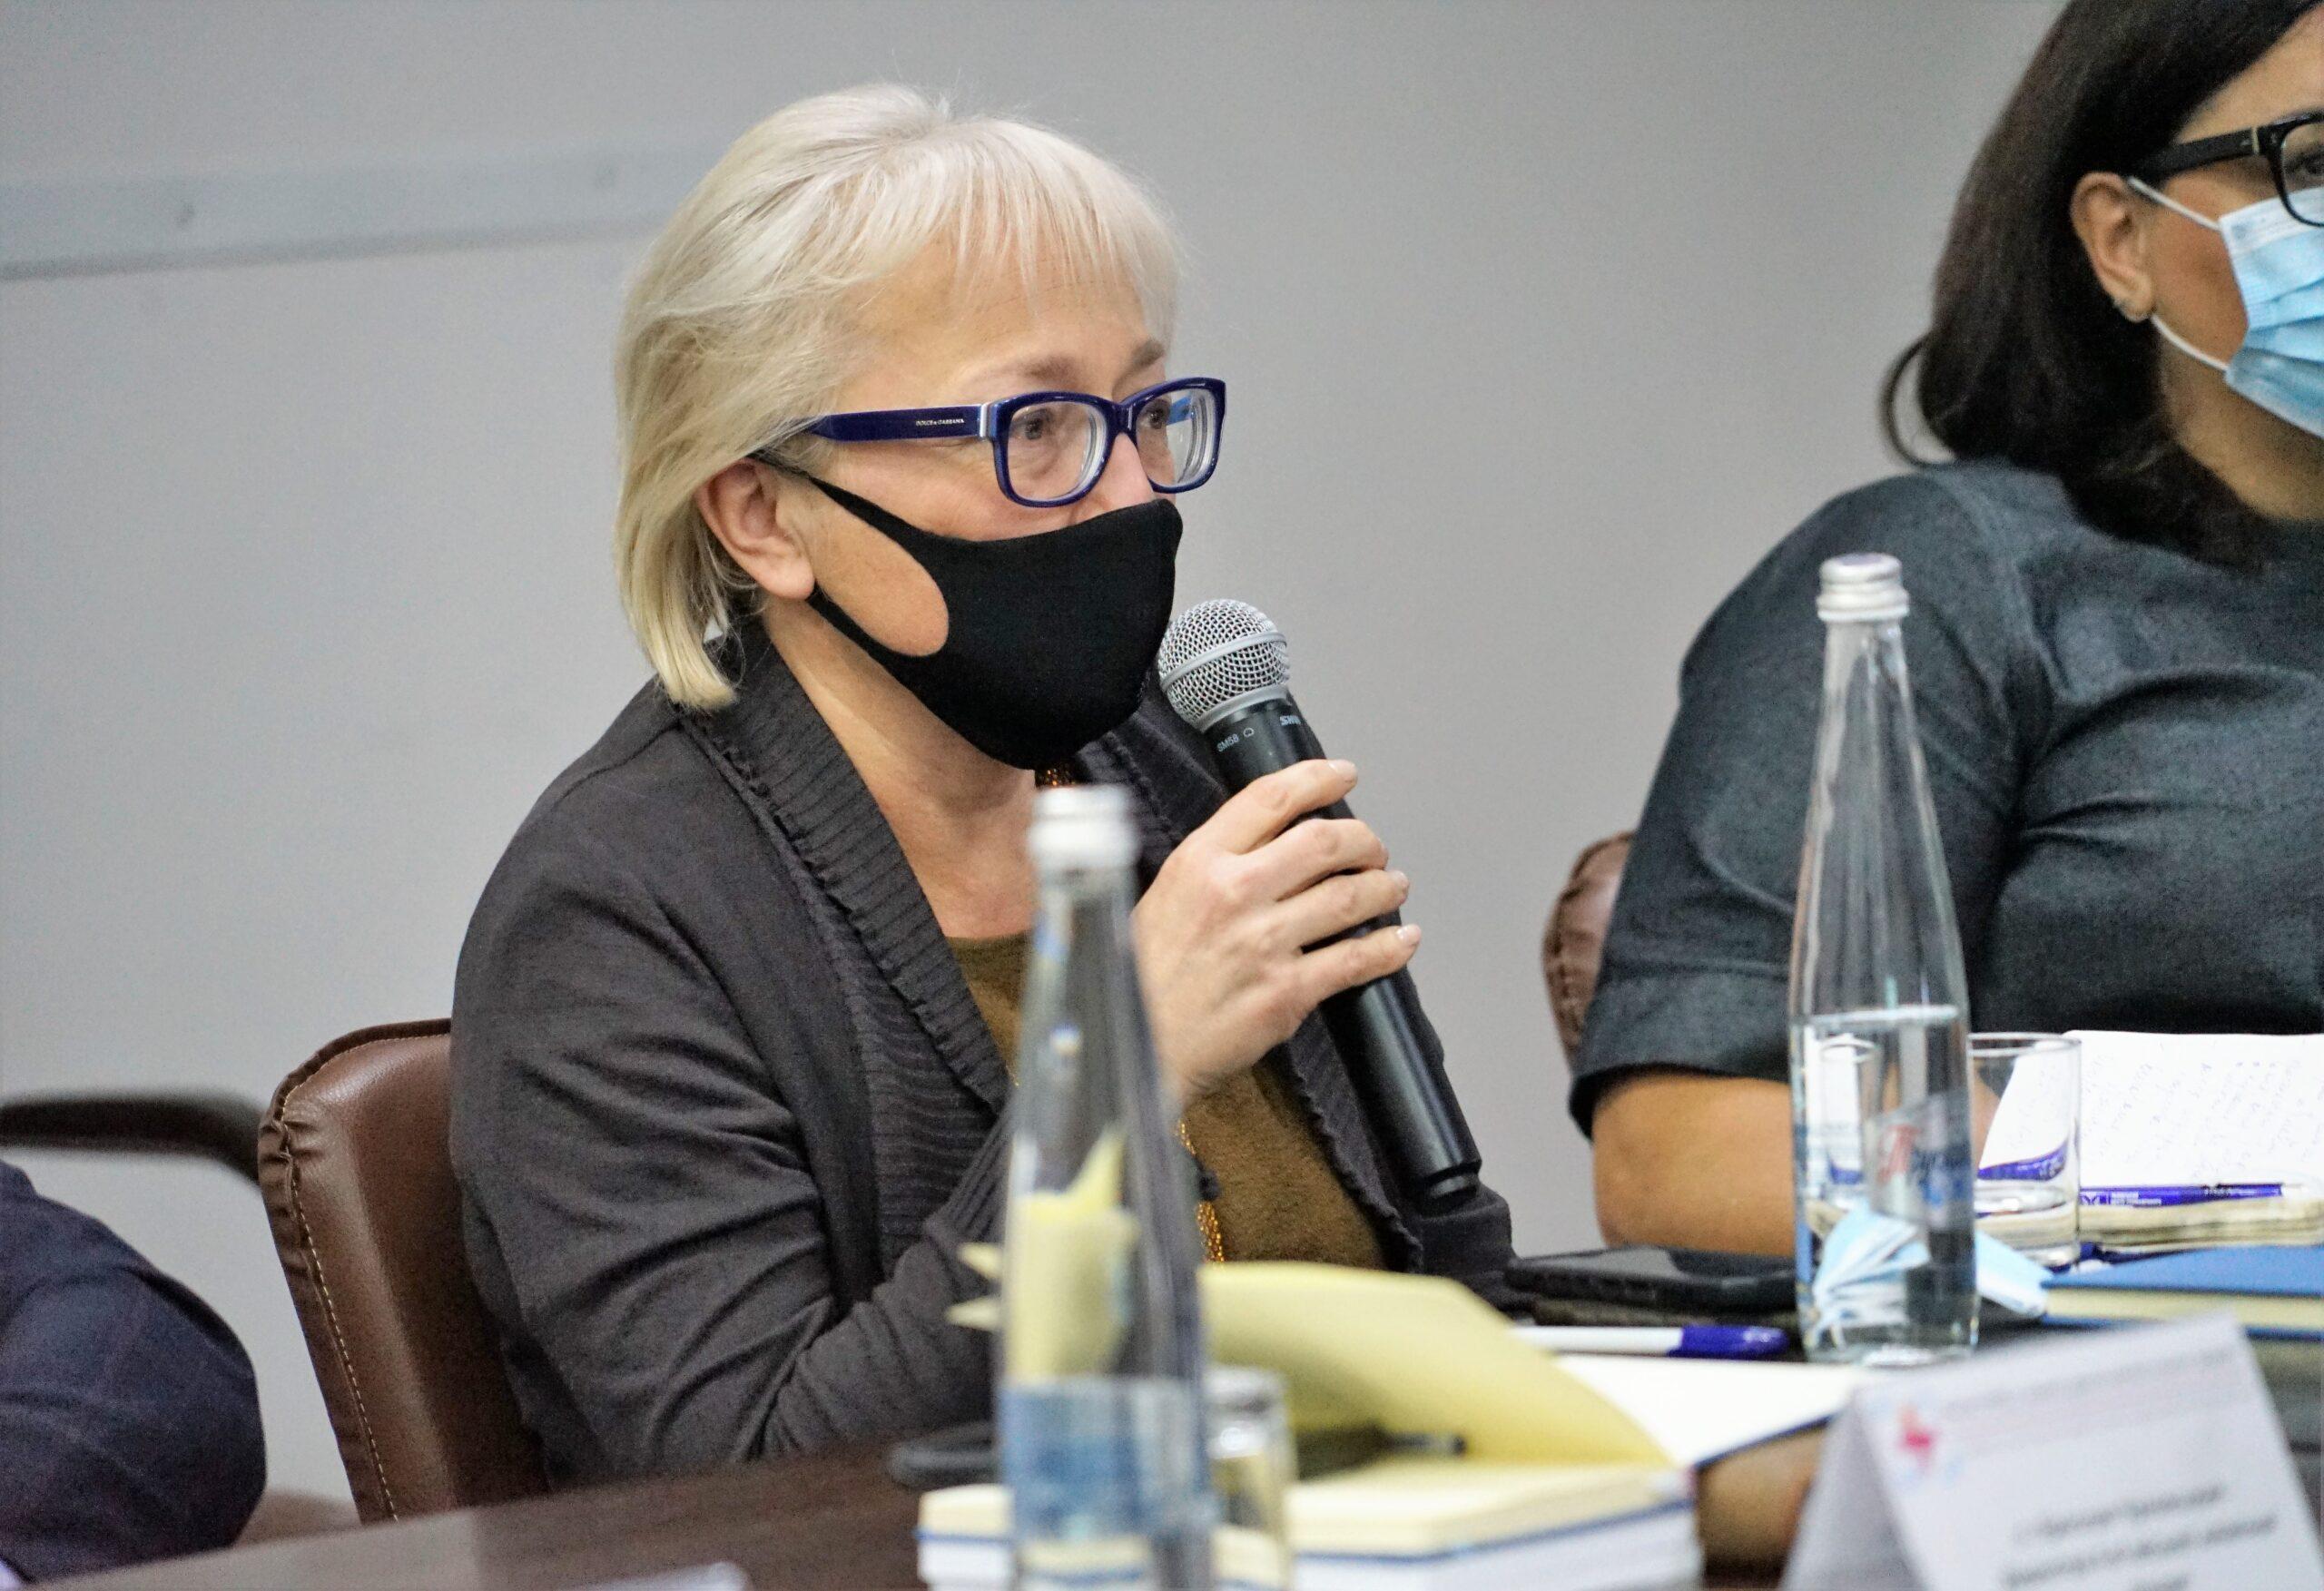 Перспективи розвитку медичного капеланства в Україні обговорили під час круглого столу у Львові_17